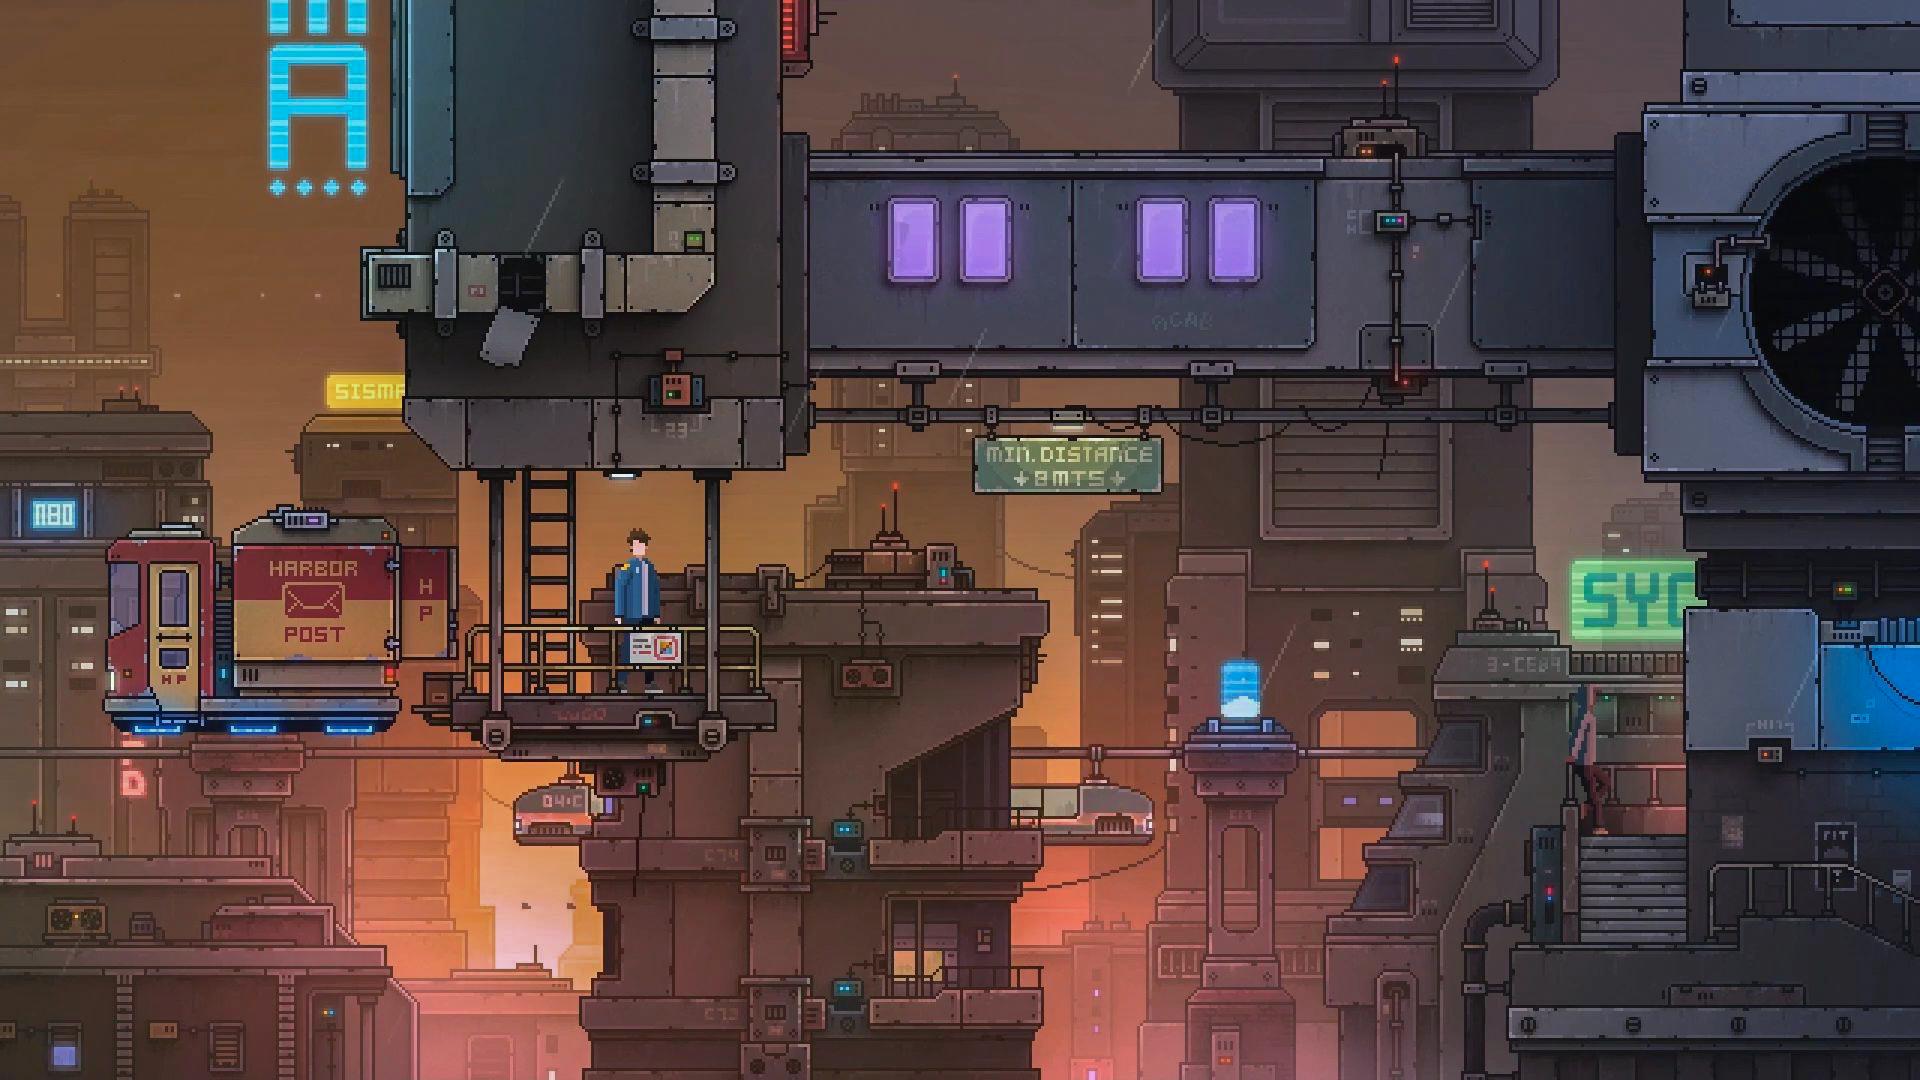 General 1920x1080 Gordon Zuchhold (Artstation) digital art science fiction pixel art city cyberpunk animation futuristic city ArtStation artwork futuristic